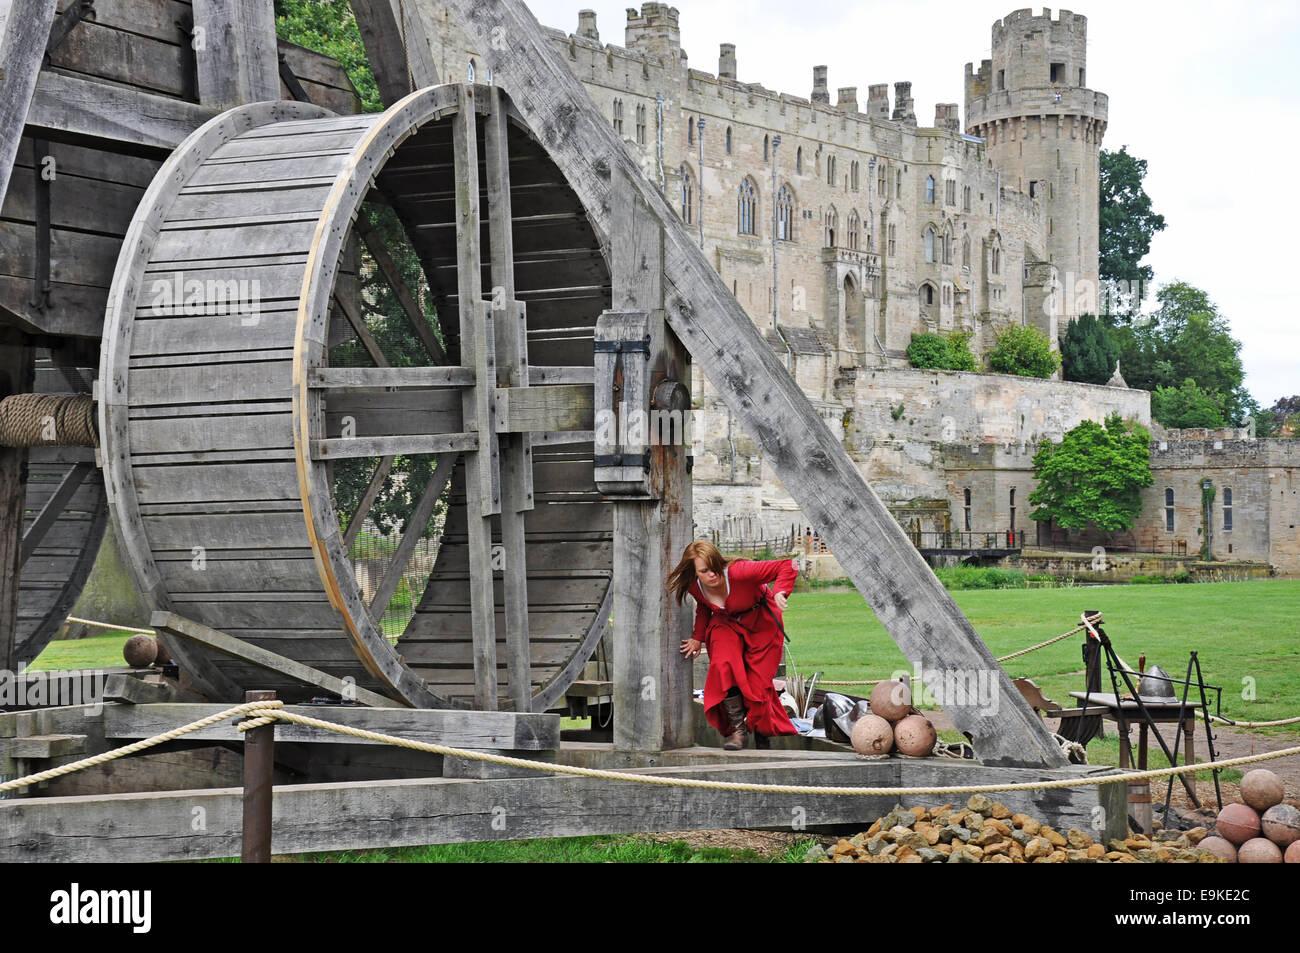 que suis je? où suis je?Martin 8 octobre trouvé par Ajonc et Martine Warwick-castle-england-uk-a-young-woman-and-an-authentic-recreation-E9KE2C